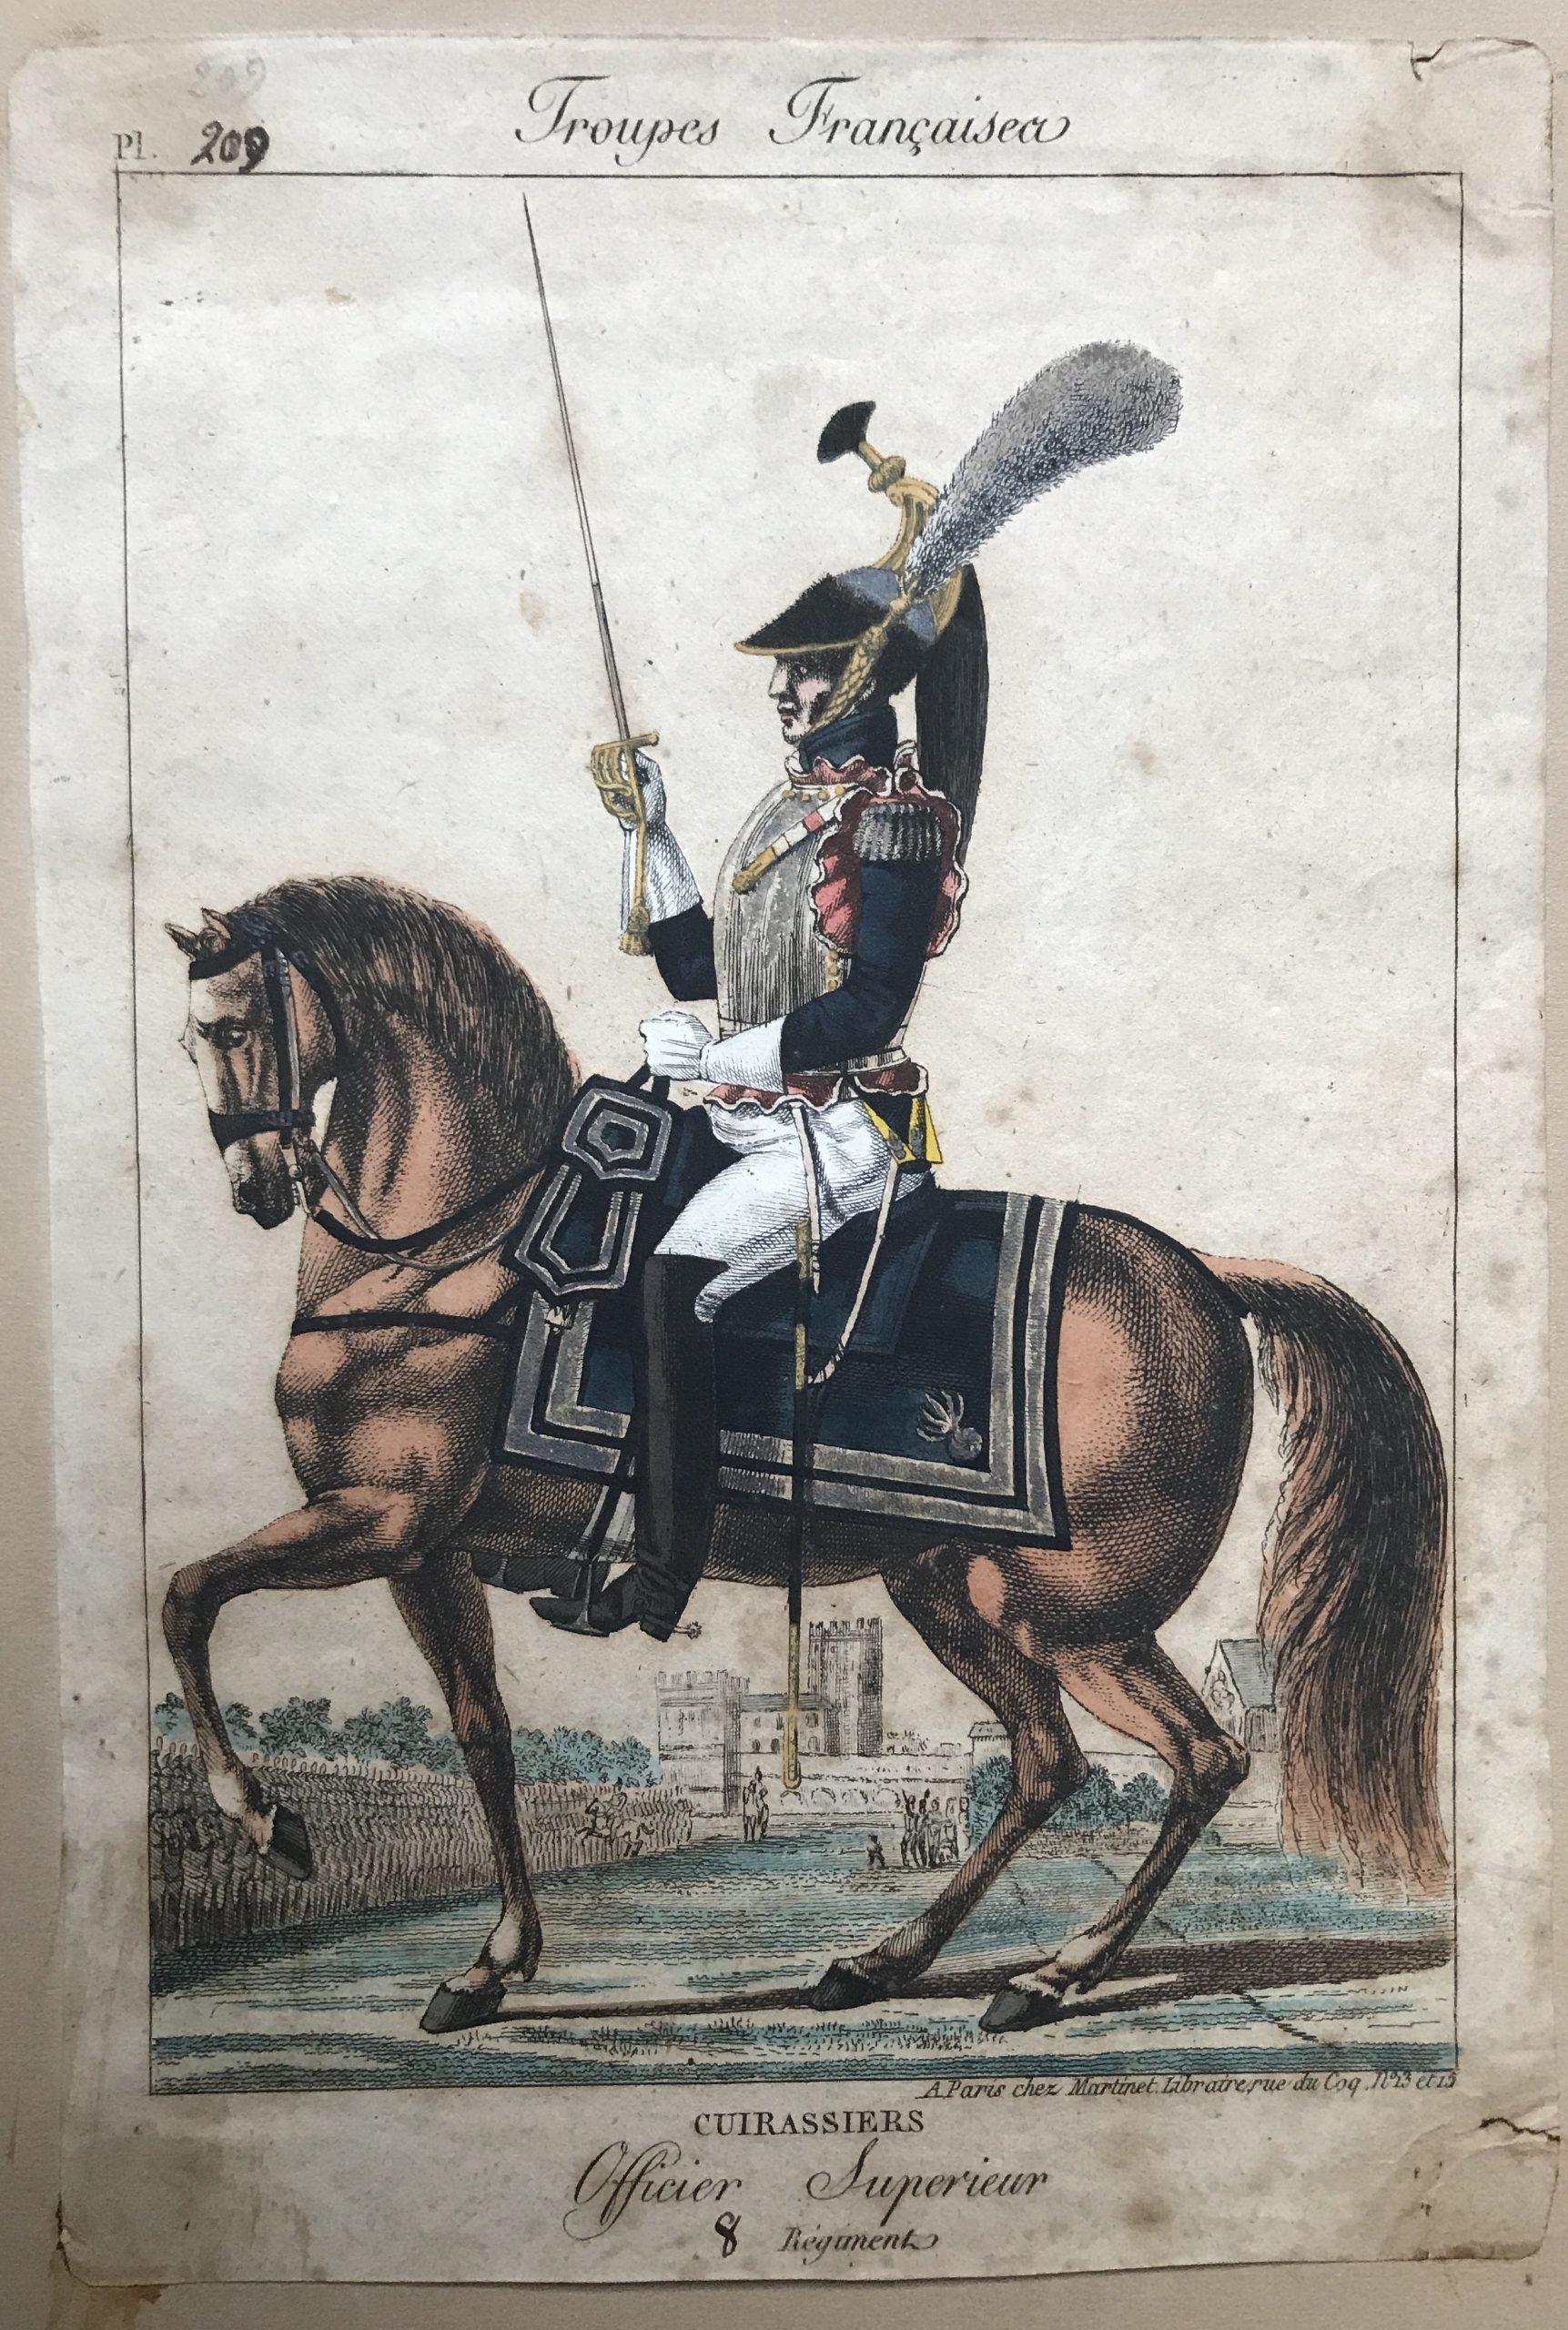 Gravure XIX - Martinet - Troupes française - Cuirassiers - Officier supérieur.